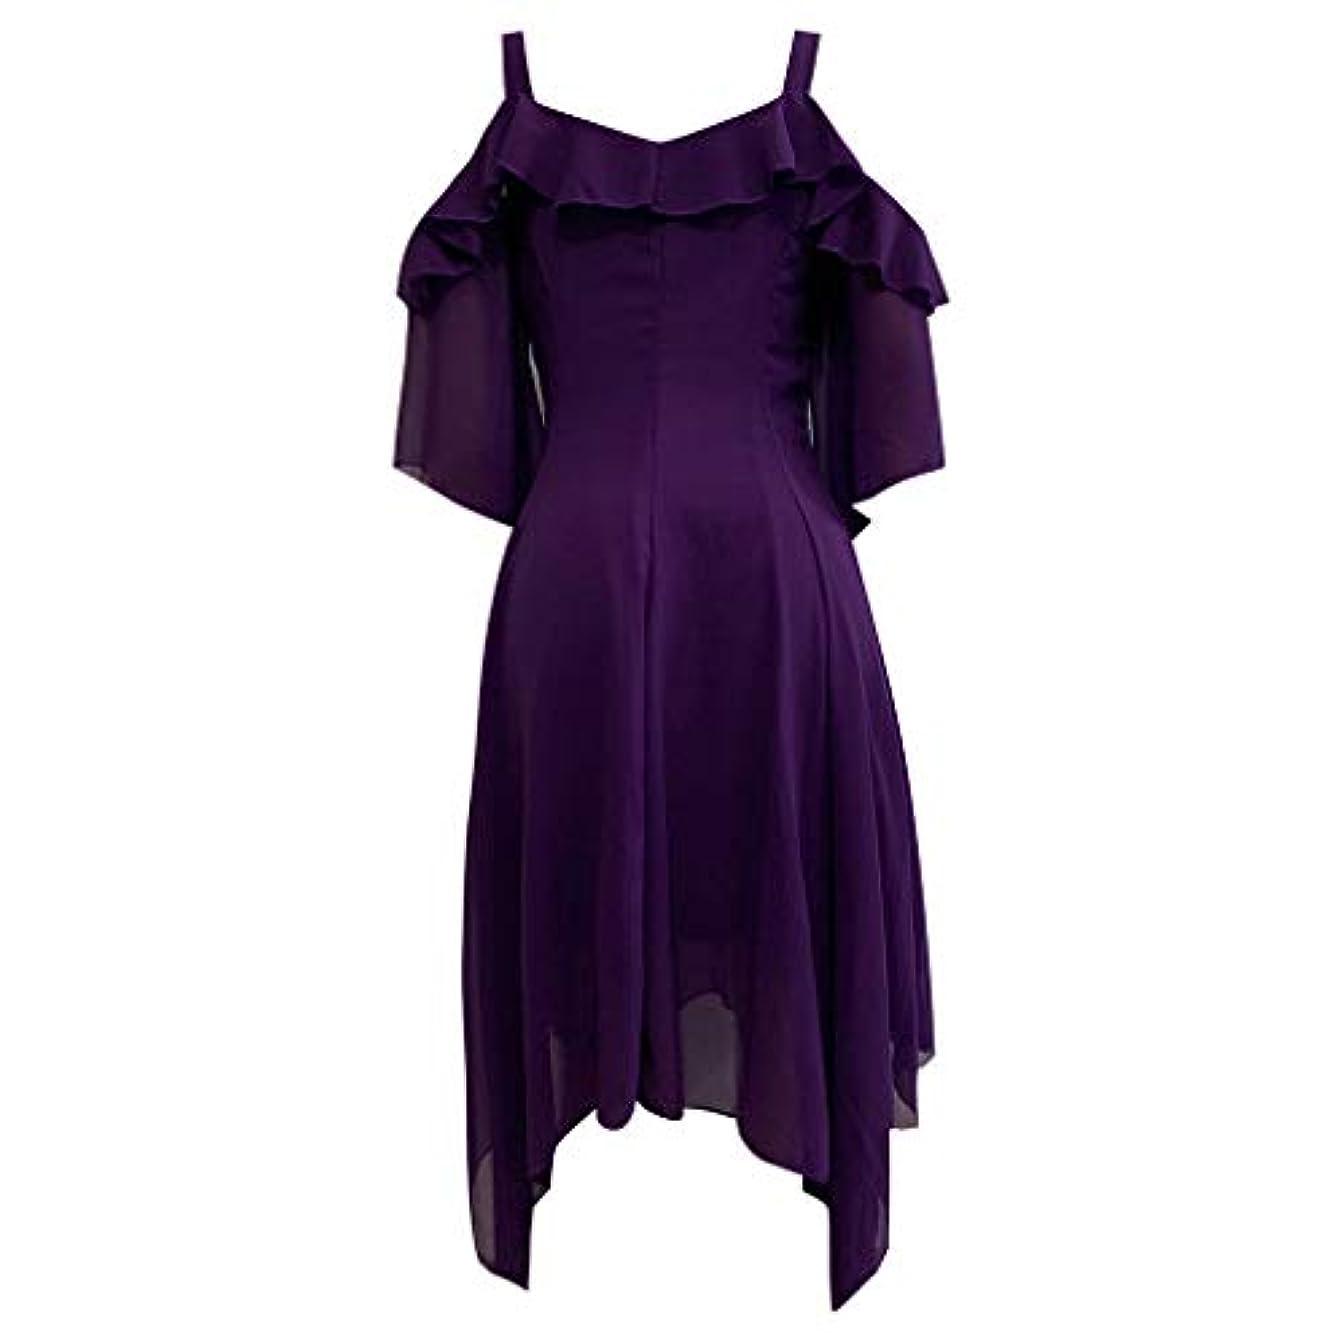 上に築きます覚醒見えない貴族 ドレス お姫様 ケーキスカート Huliyun 豪華なドレス ウェディング 発表会 貴族風ドレス プリンセスライン オペラ 中世貴族風 演奏会ドレス ステージドレス ブ シンデレラドレス コスチューム ドレス